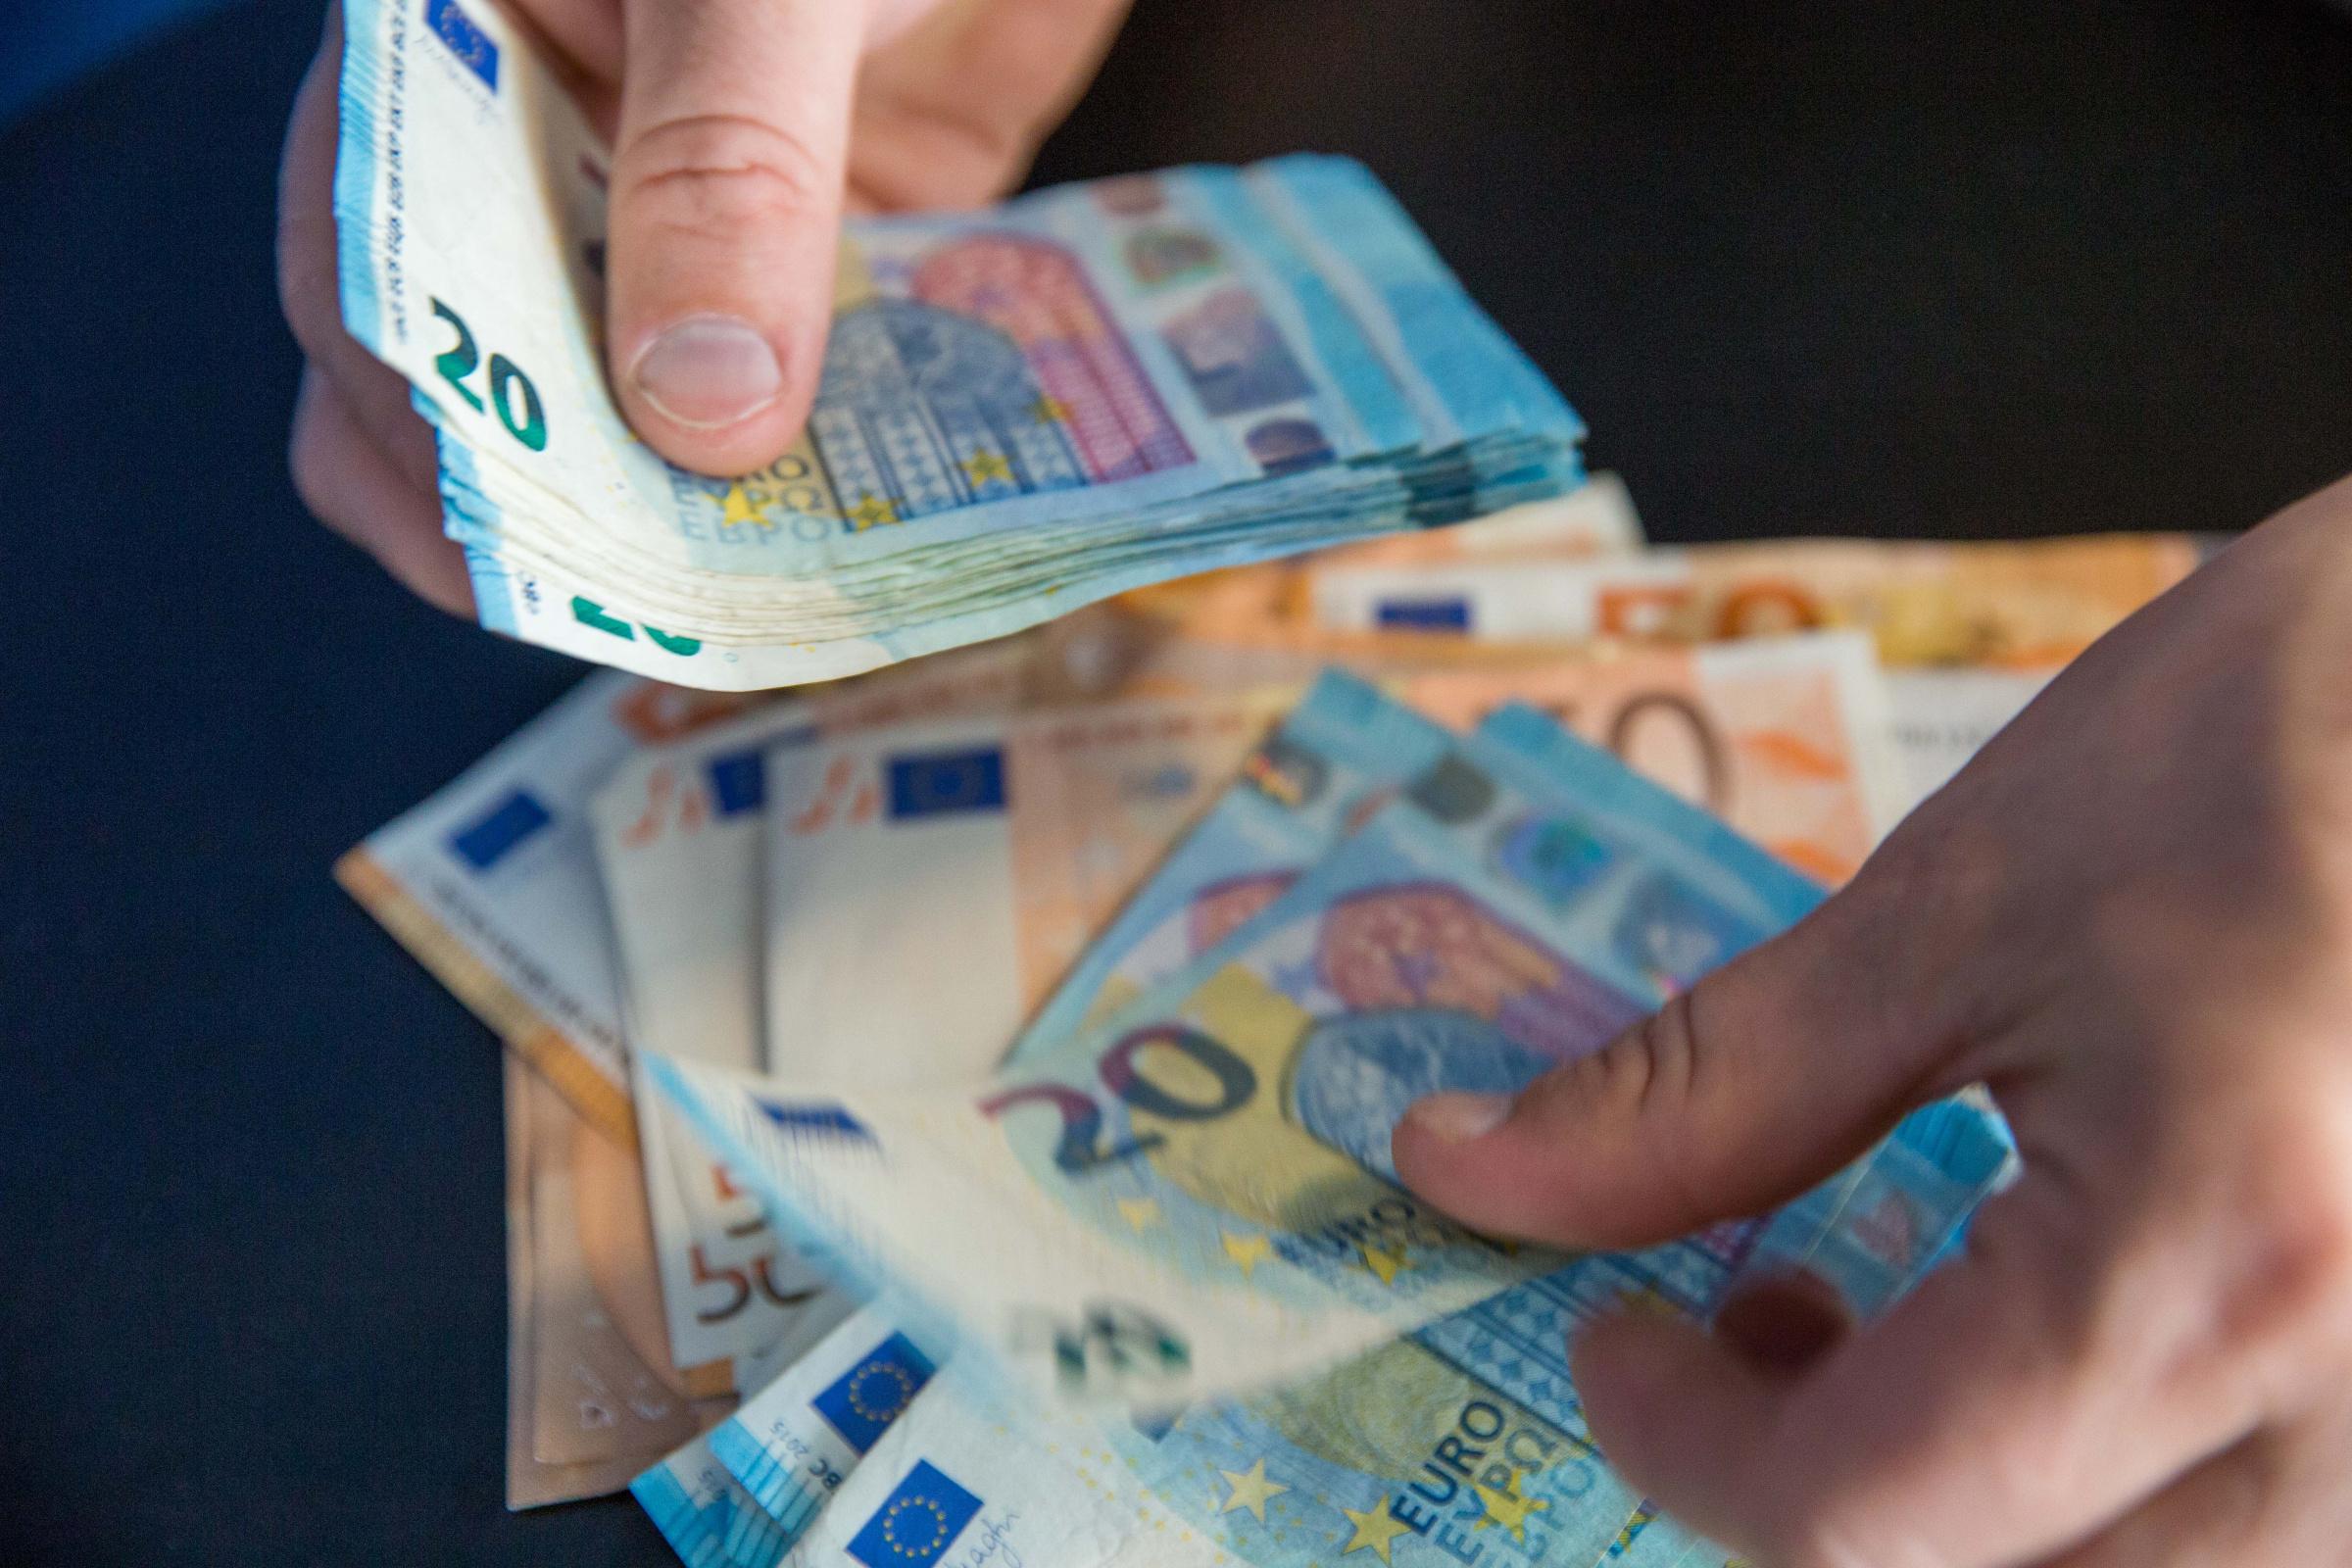 Kas uždirba pinigus krizėje Kas yra ekonominė krizė?